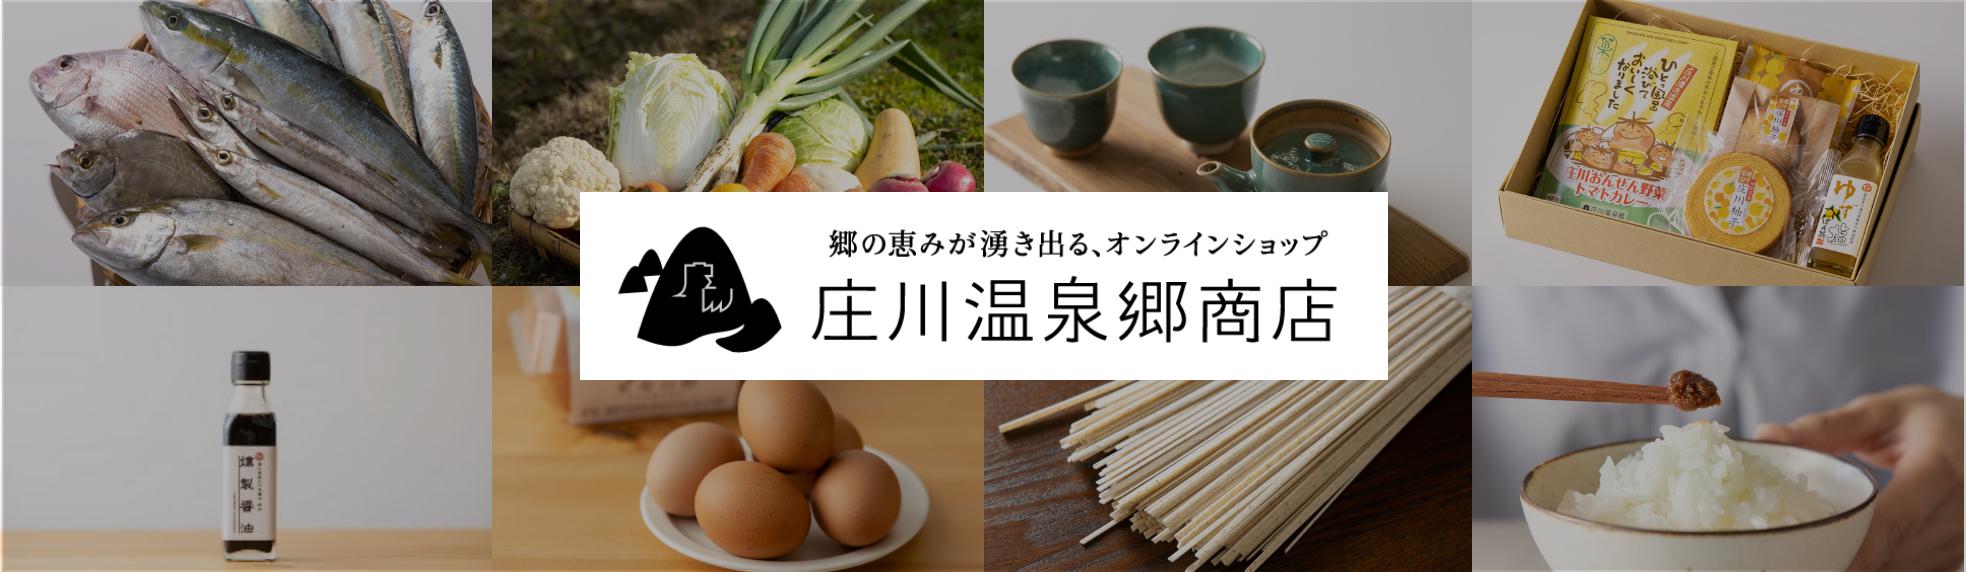 食べる、飲む、伝統工芸、雑貨etc BUY LOCAL